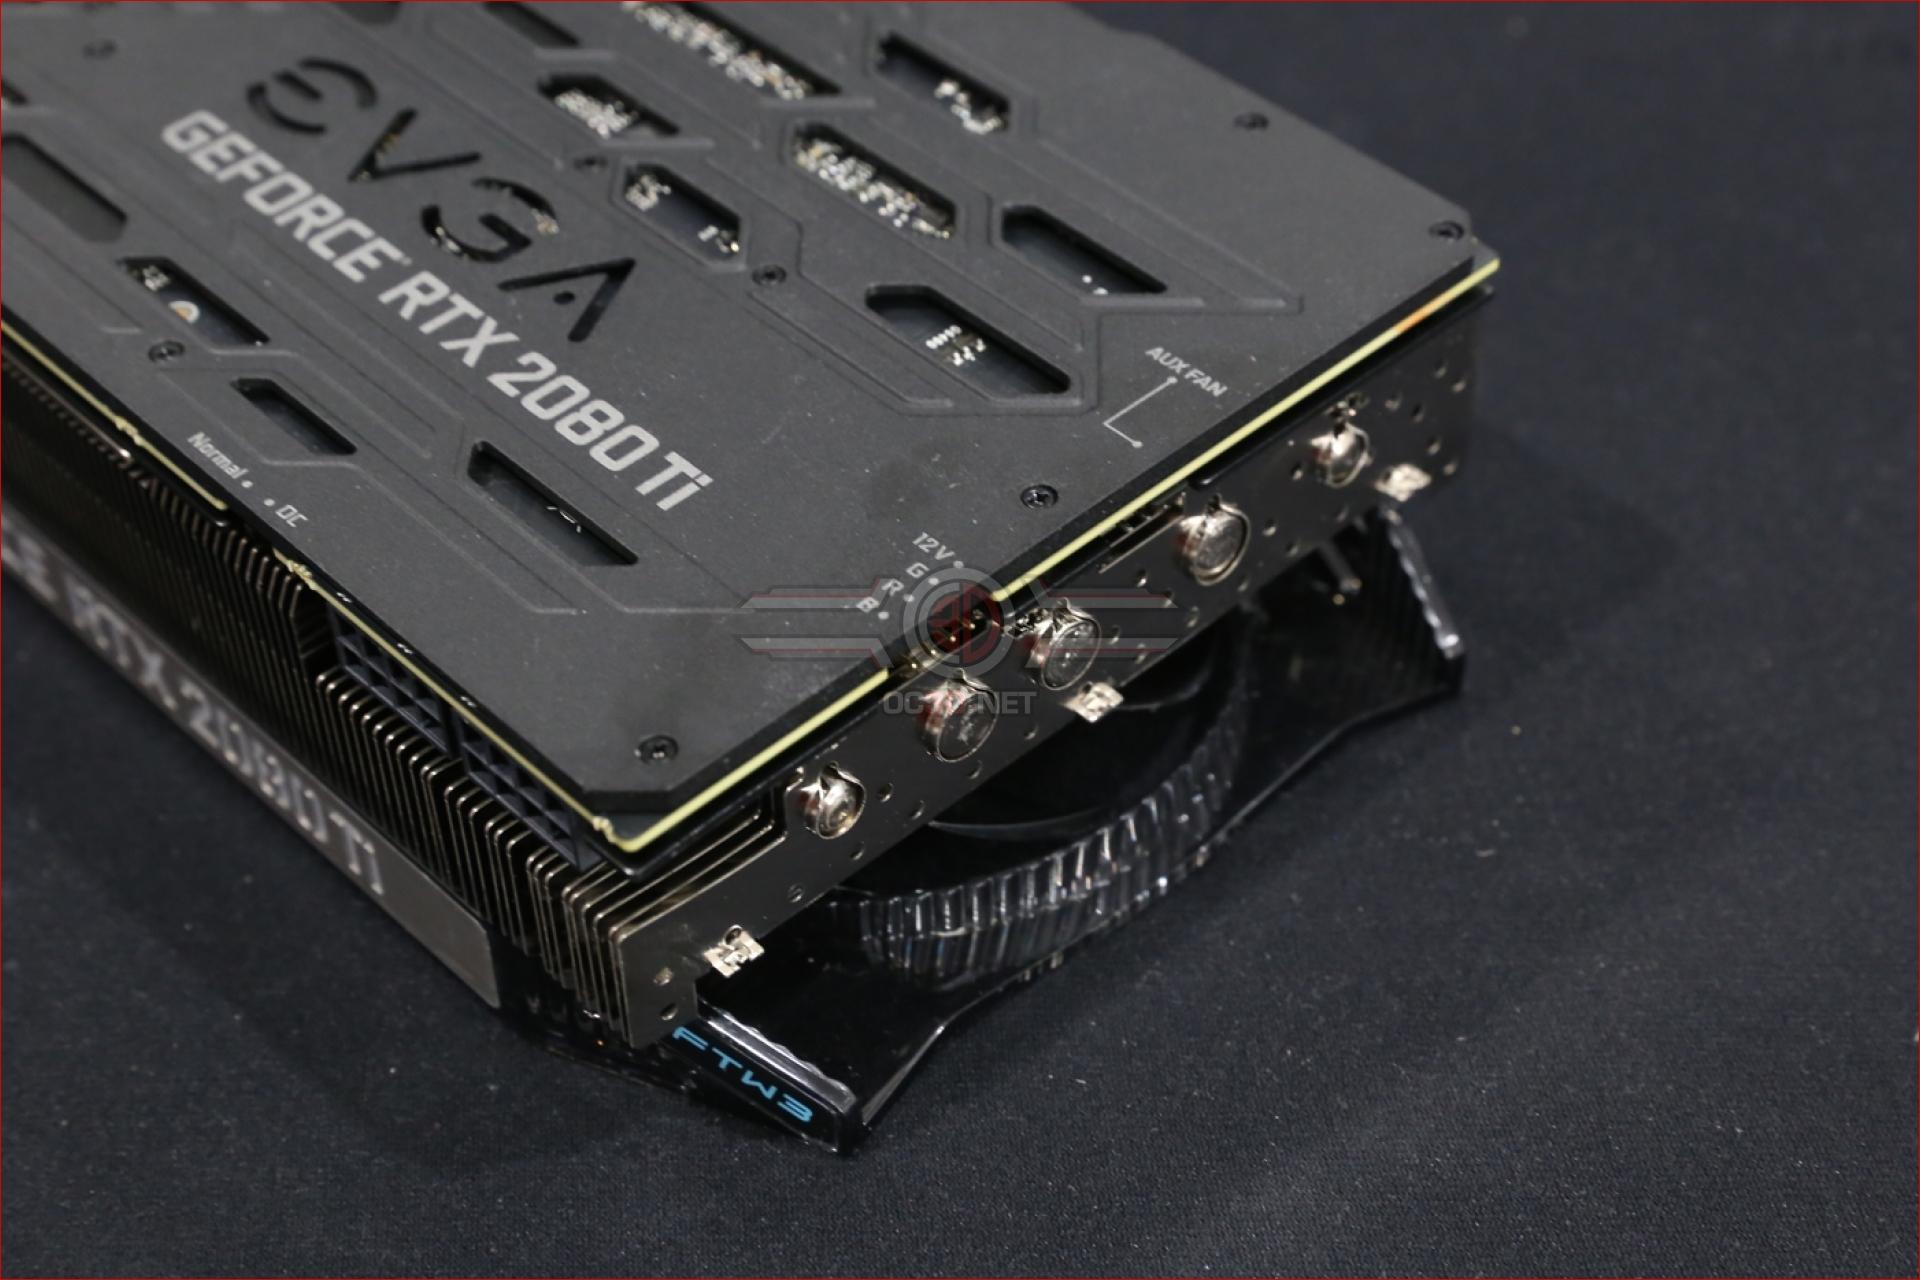 EVGA RTX 2080Ti FTW3 Ultra Review | Up Close | GPU & Displays | OC3D